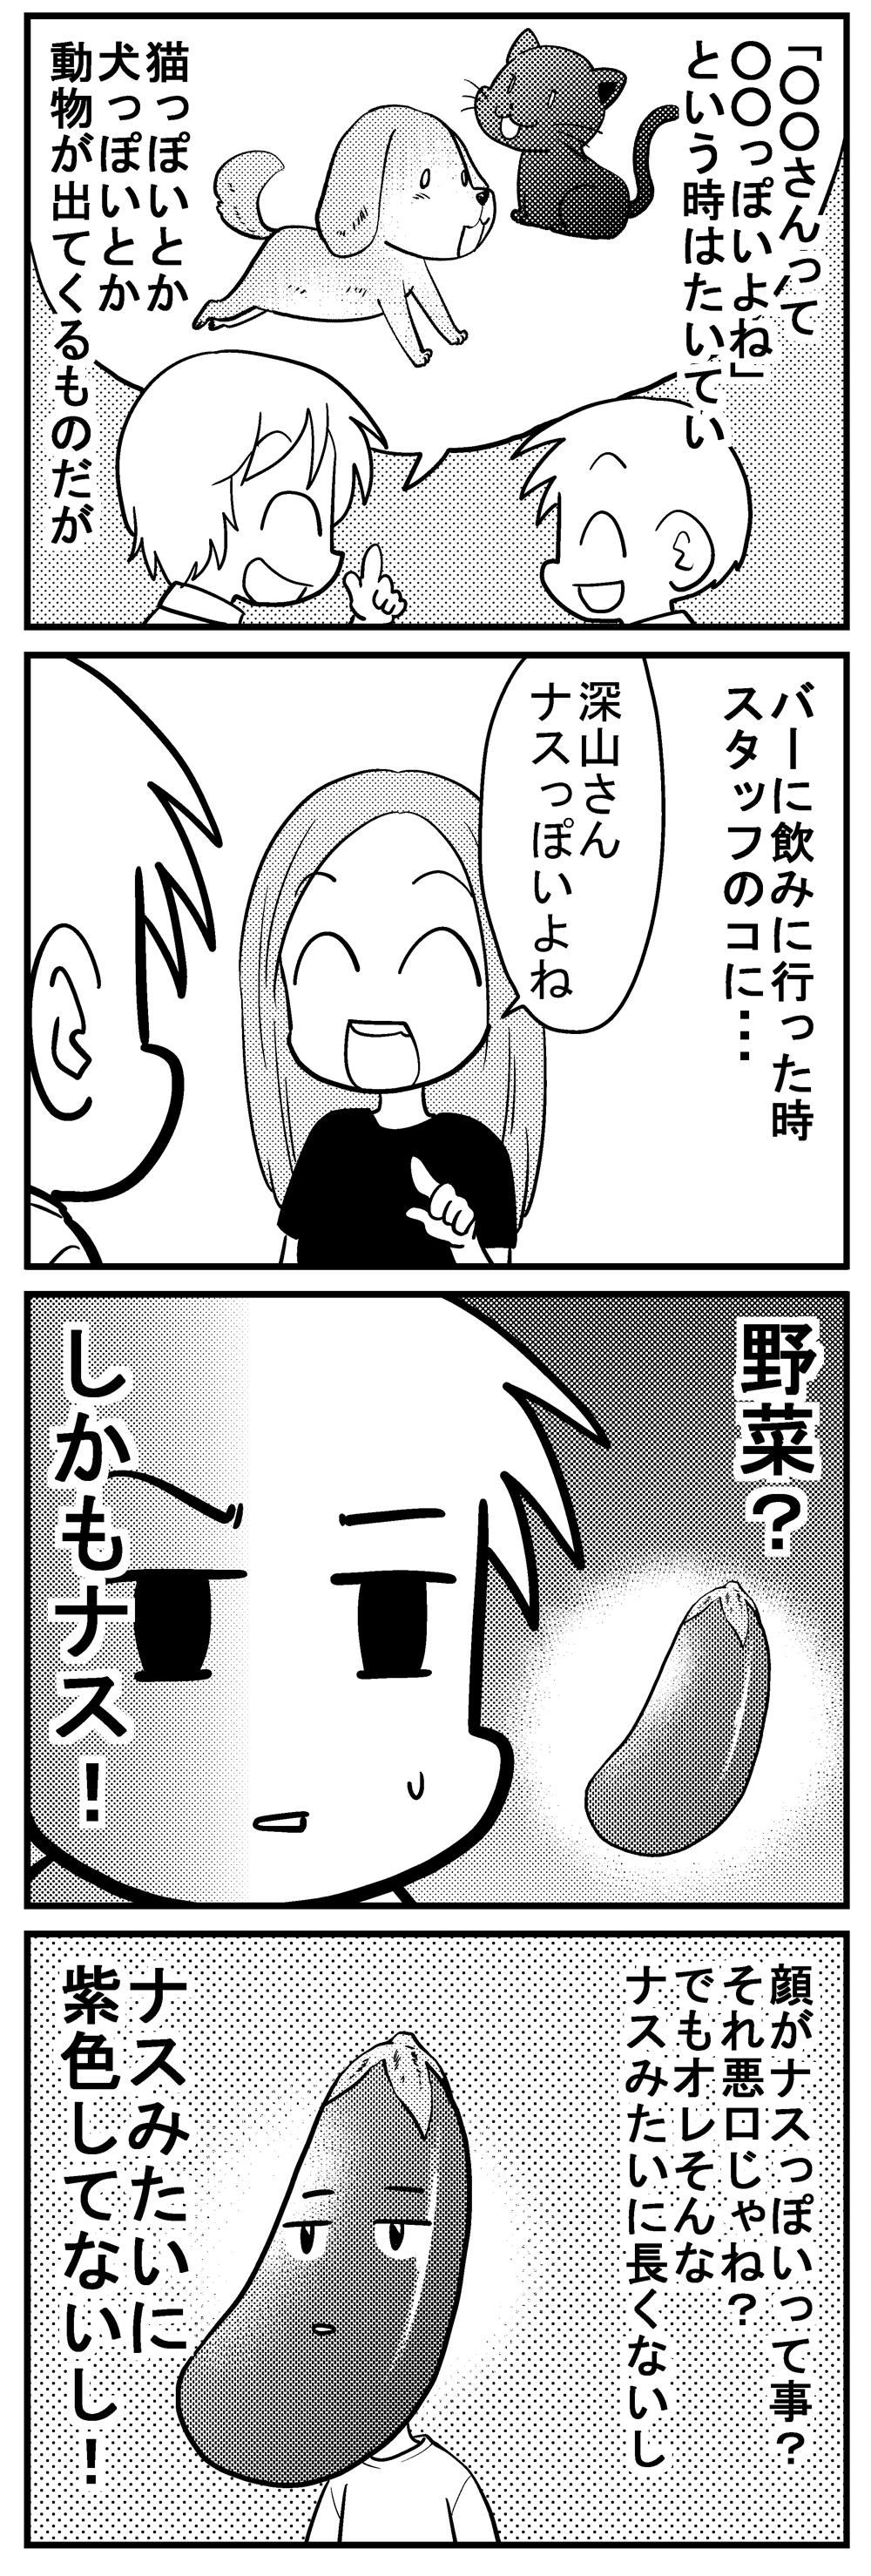 深読みくん124-1